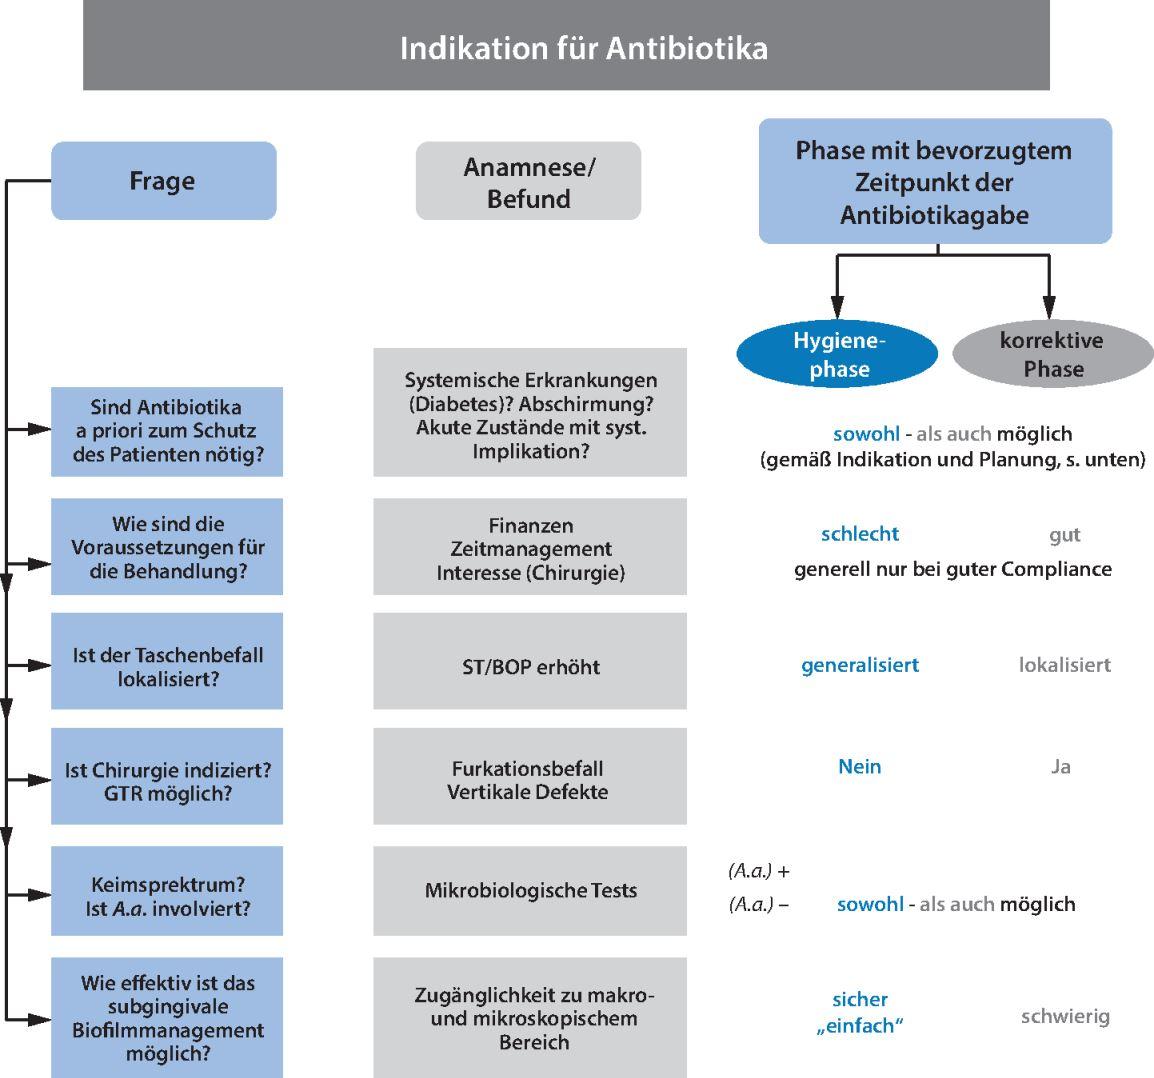 Amoxicillin und metronidazol zusammen einnehmen